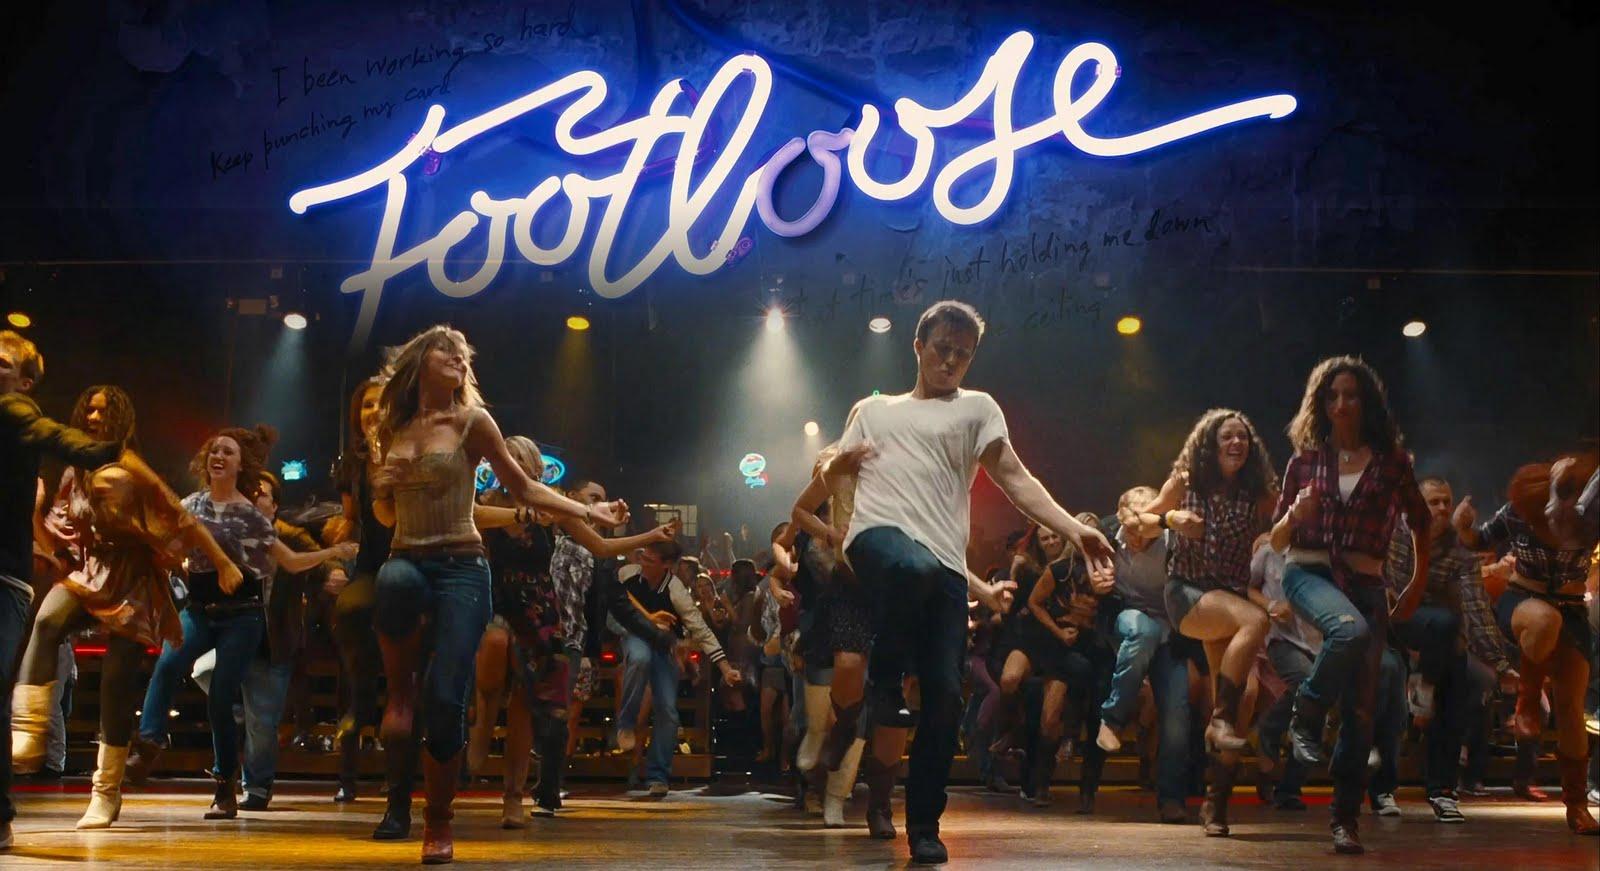 Footloose Film 2011